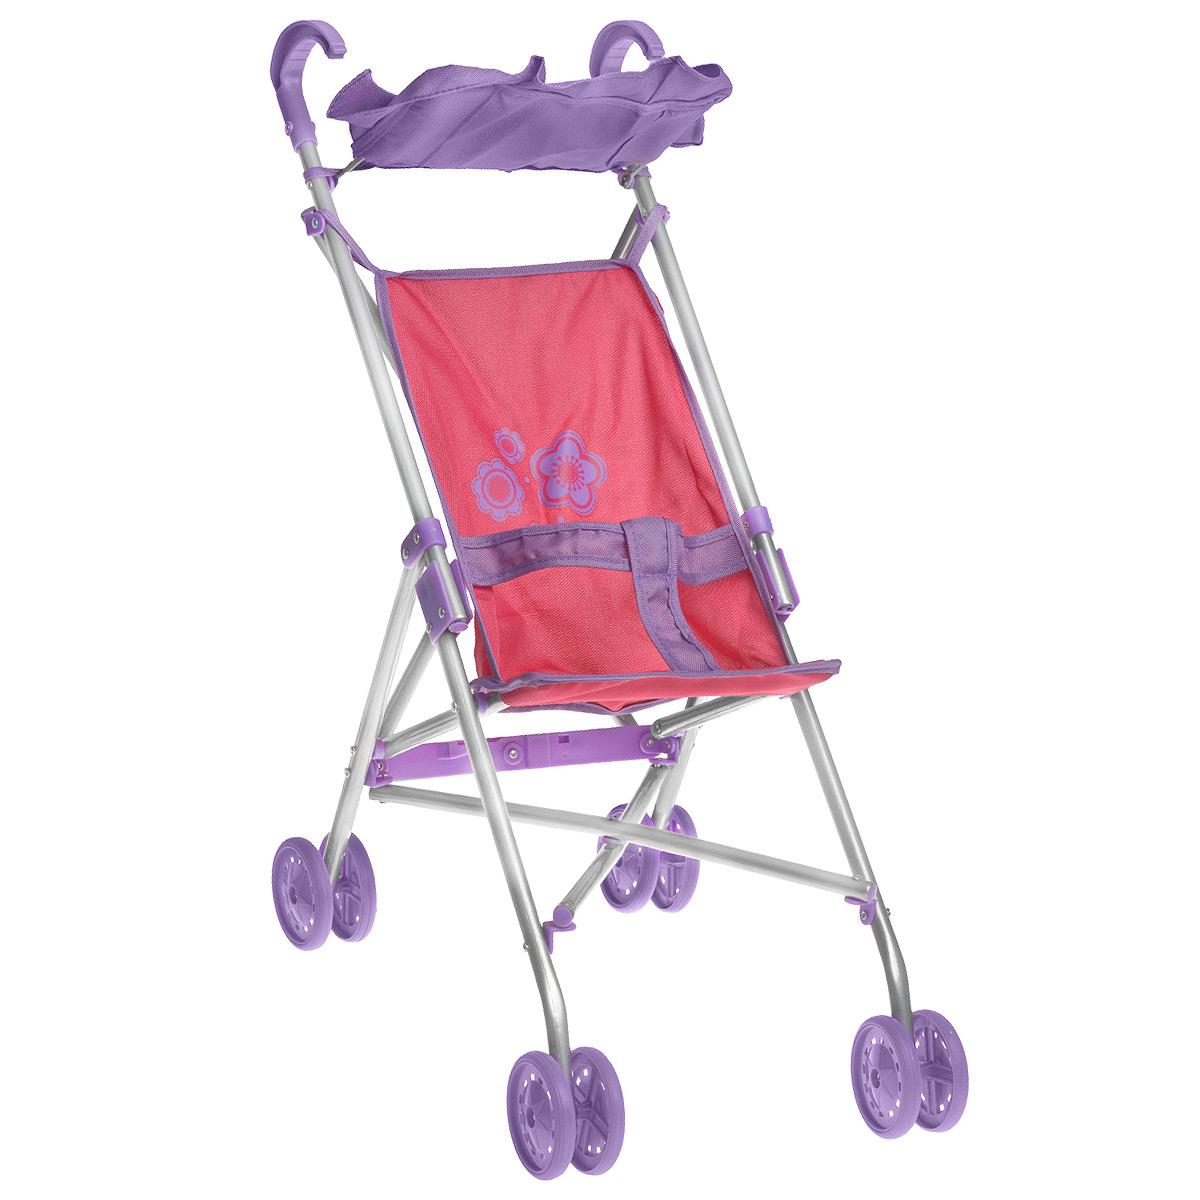 Mary Poppins Коляска-трость для кукол Цветок цвет сиреневый розовый67123Легкая складная коляска-трость для кукол Mary Poppins Цветок очень компактна, удобна в эксплуатации и комфортабельна. Каркас коляски выполнен из облегченного металла, элементы из ткани легко снимаются для стирки. На сиденье имеются специальные ремни, чтобы кукла не упала. Прогулочная коляска оснащена козырьком, двумя удобными ручками и поворотными маневренными колесами. Коляска-трость легко складывается, в сложенном виде занимает мало места, поэтому ее удобно хранить. Играть с коляской можно как в помещении, так и на улице, что несомненно порадует вашу малышку, ведь теперь свою любимую куклу она сможет брать с собой на прогулки! Игрушка предназначена для сюжетно-ролевых игр, способствующих развитию фантазии, формированию эмоциональной отзывчивости и социализации ребенка.